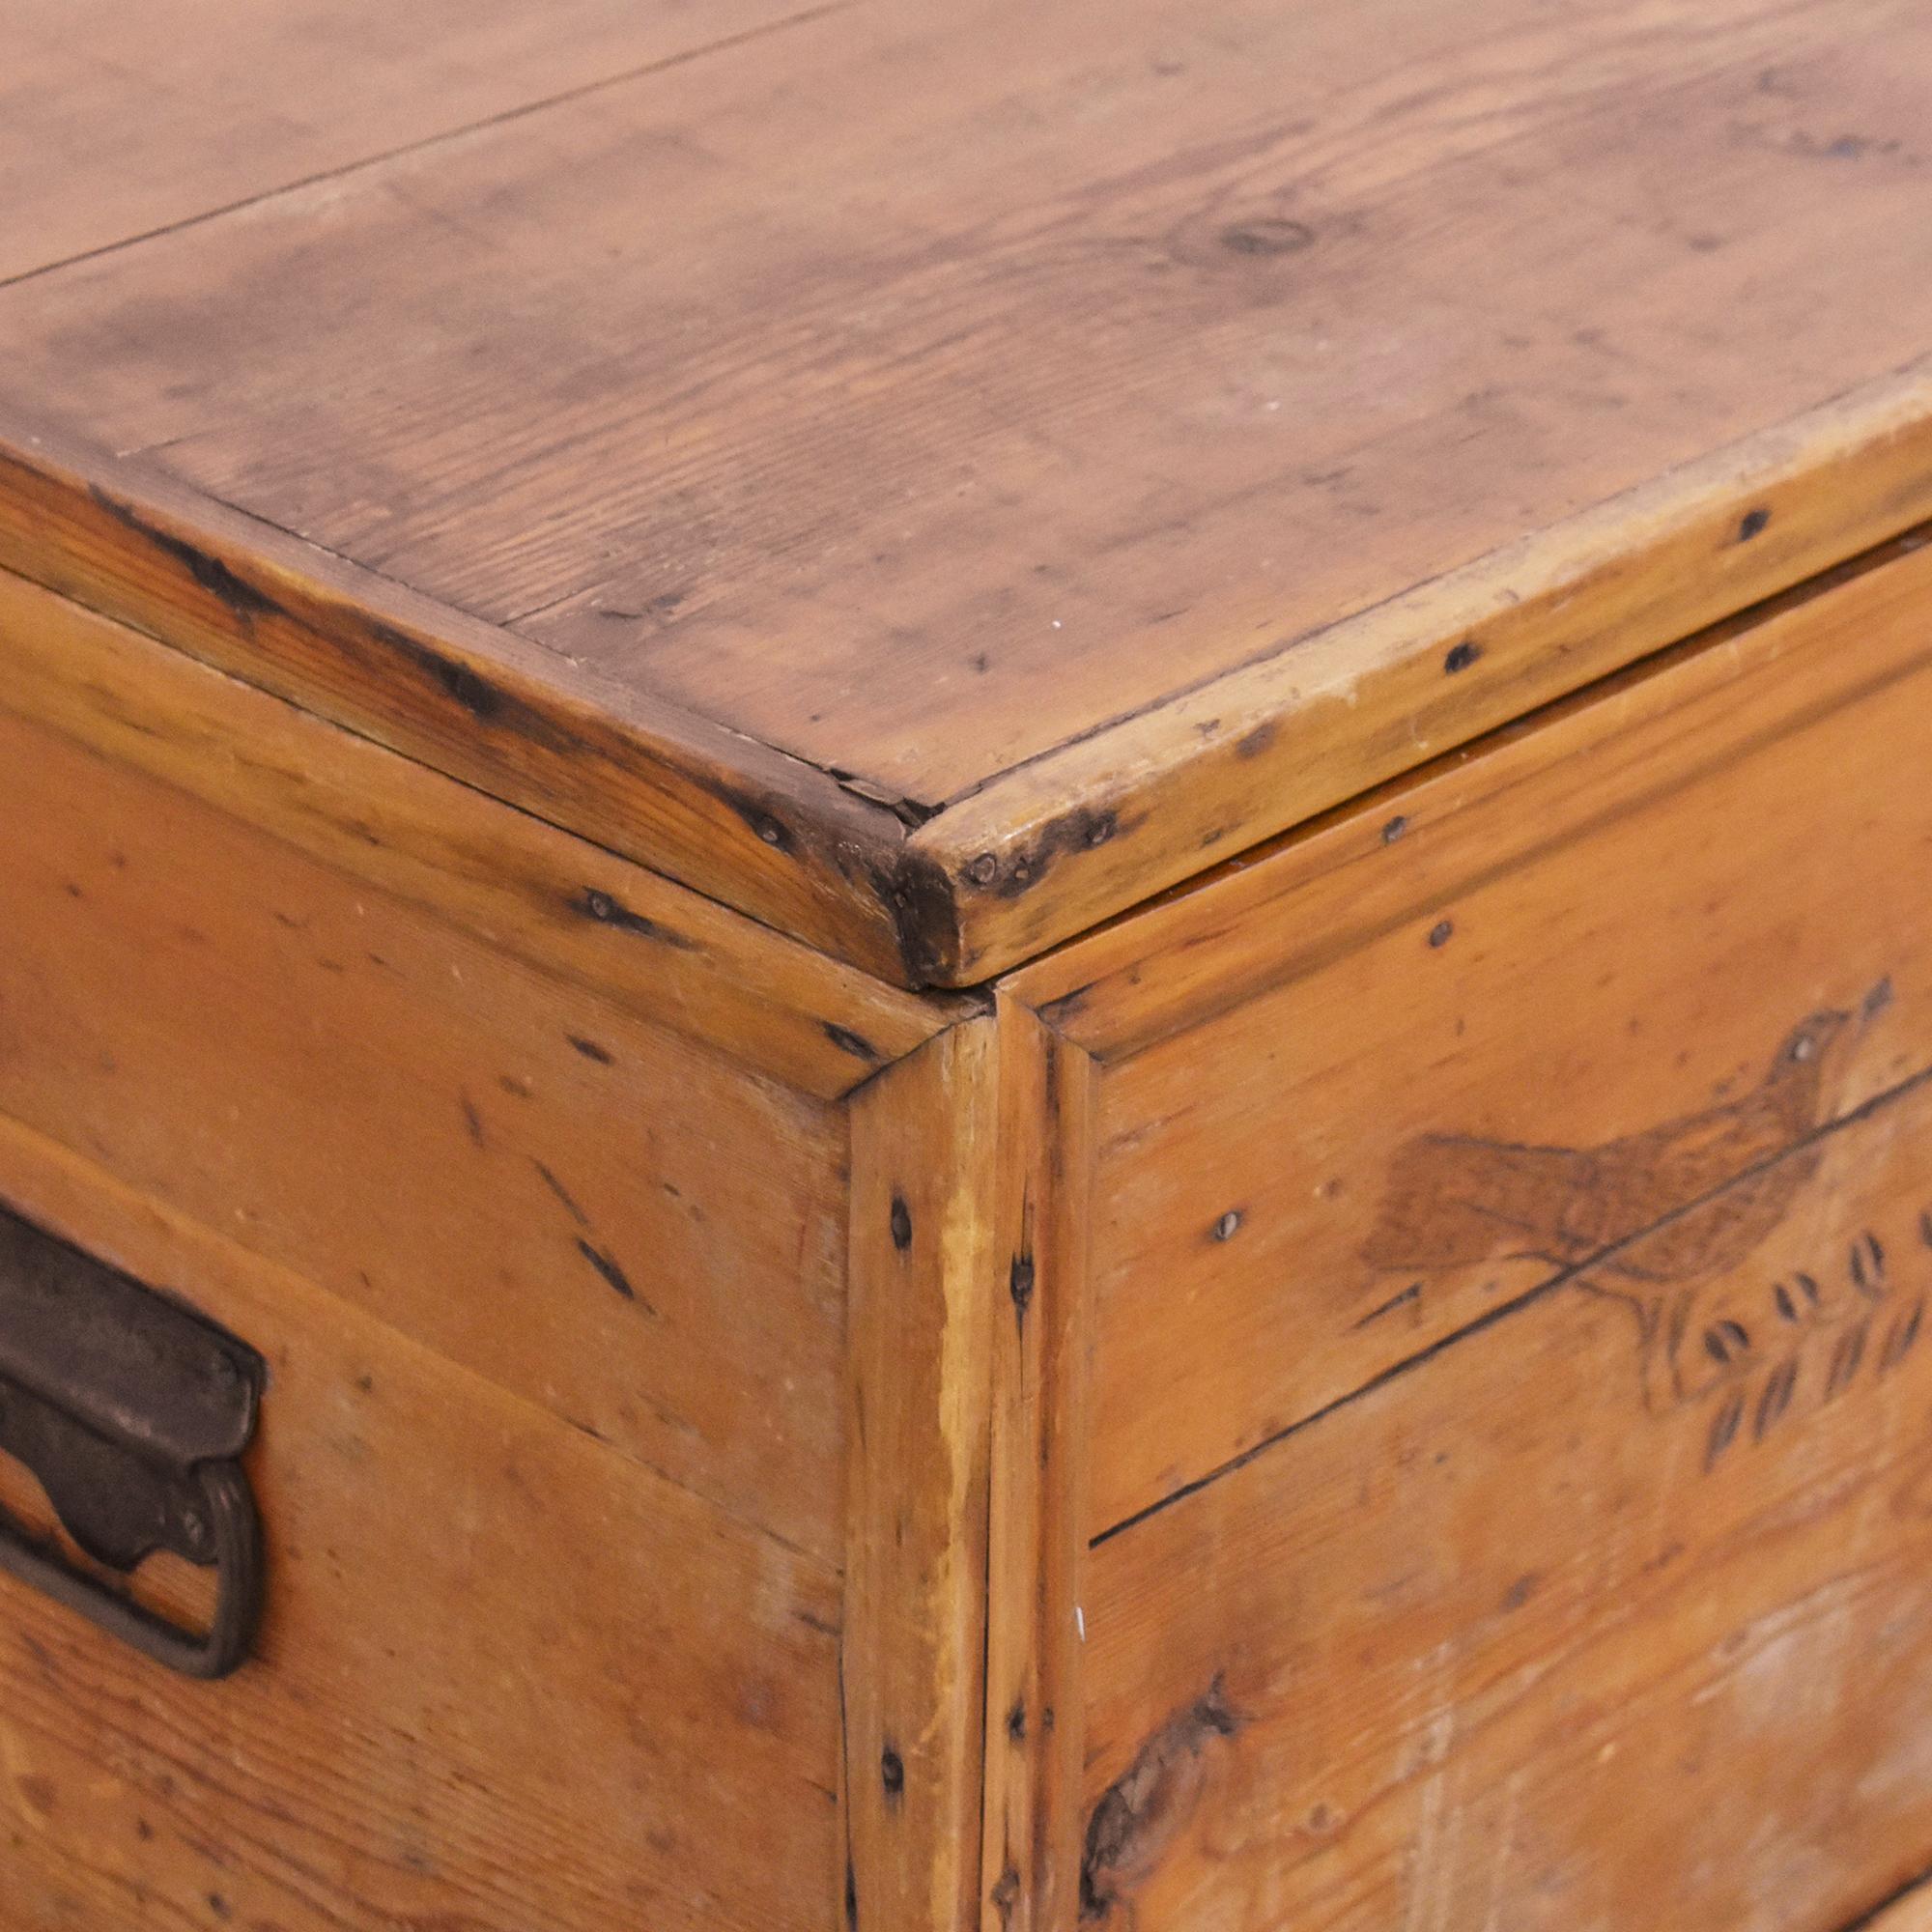 Antique Storage Trunk ct